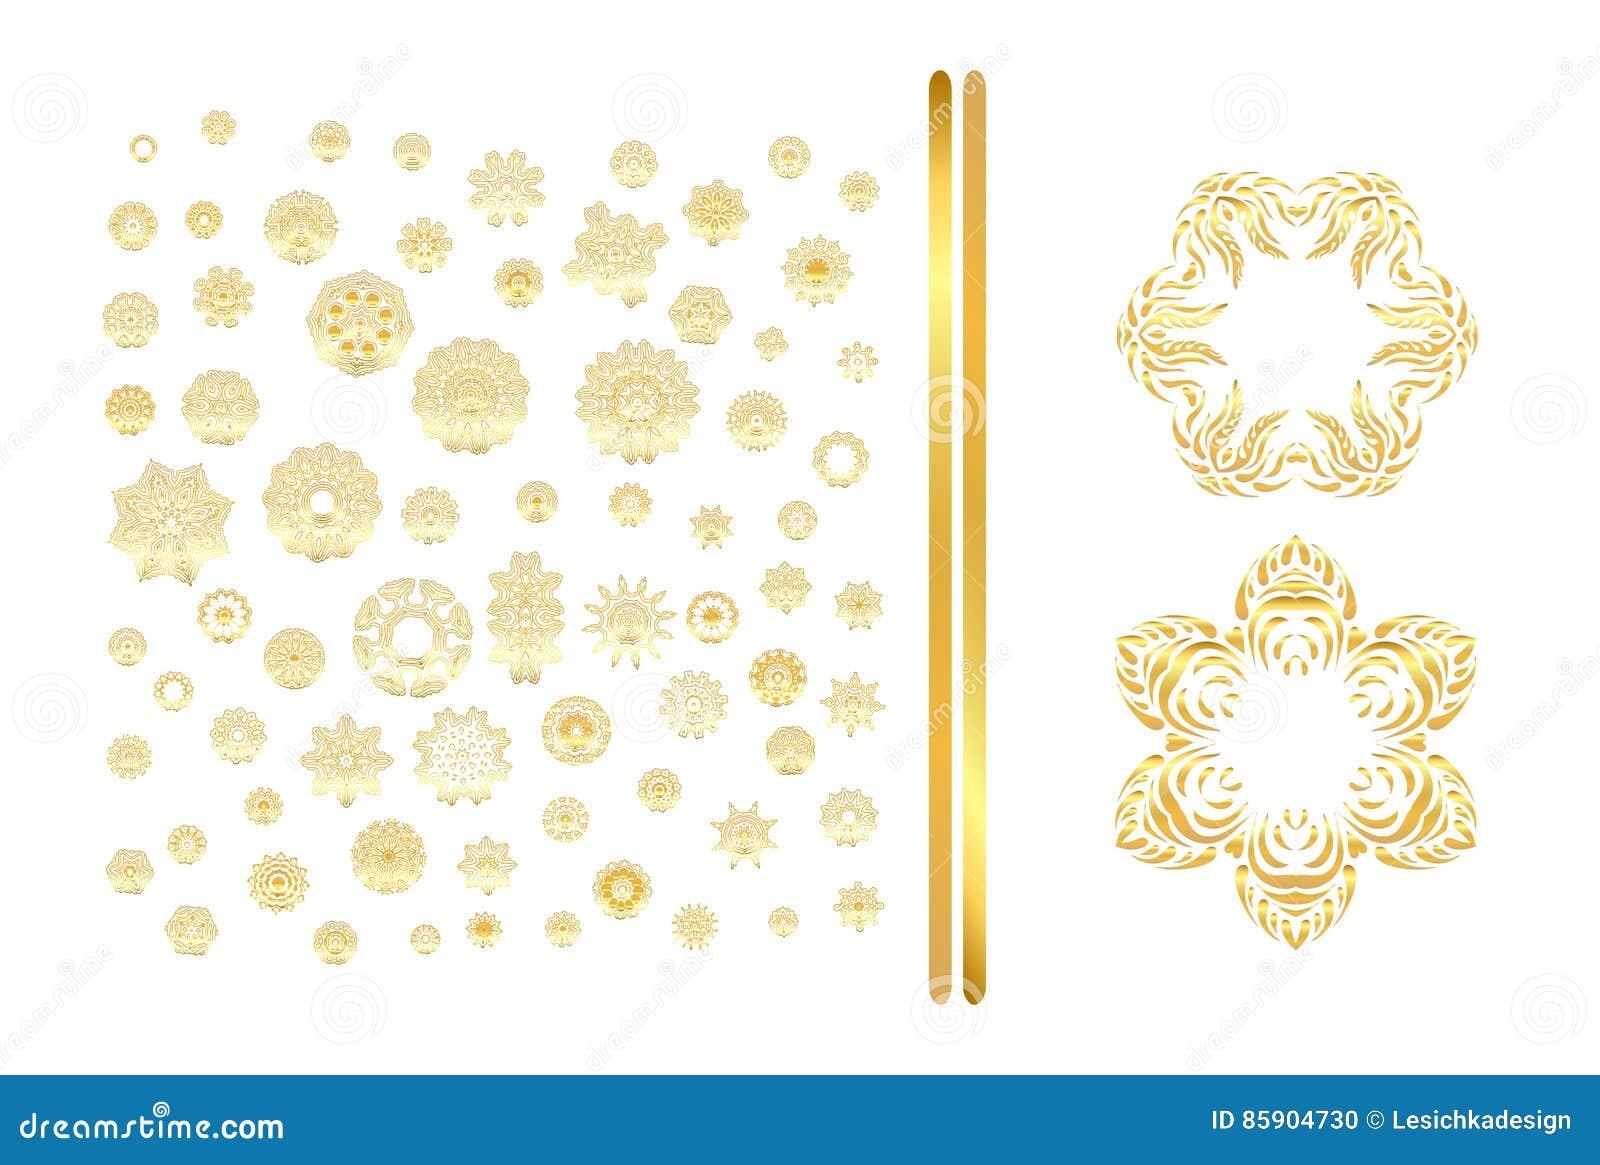 Golden Mandala Set Gold Pattern Isolated On Background Stock